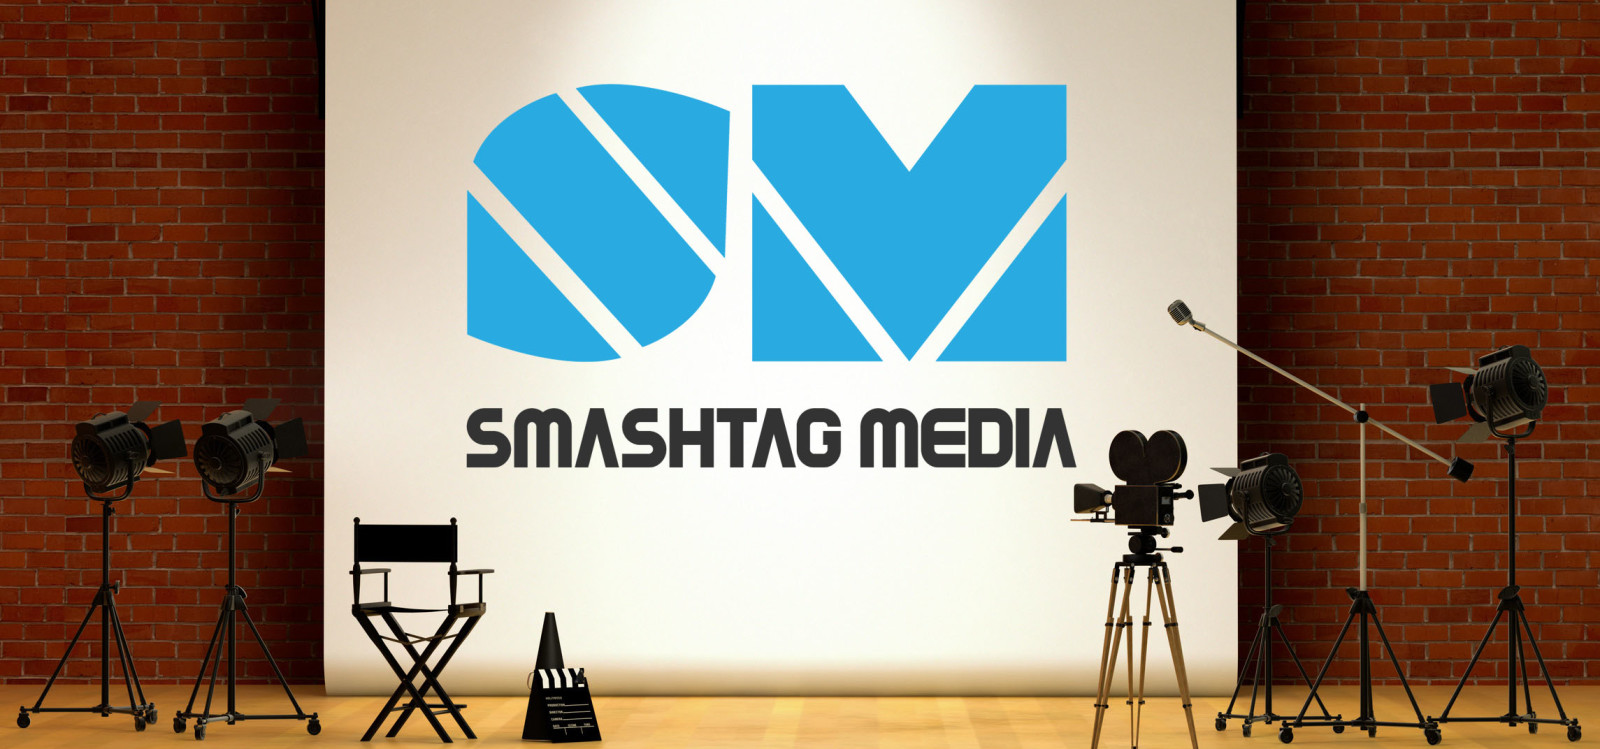 Smashtag Media